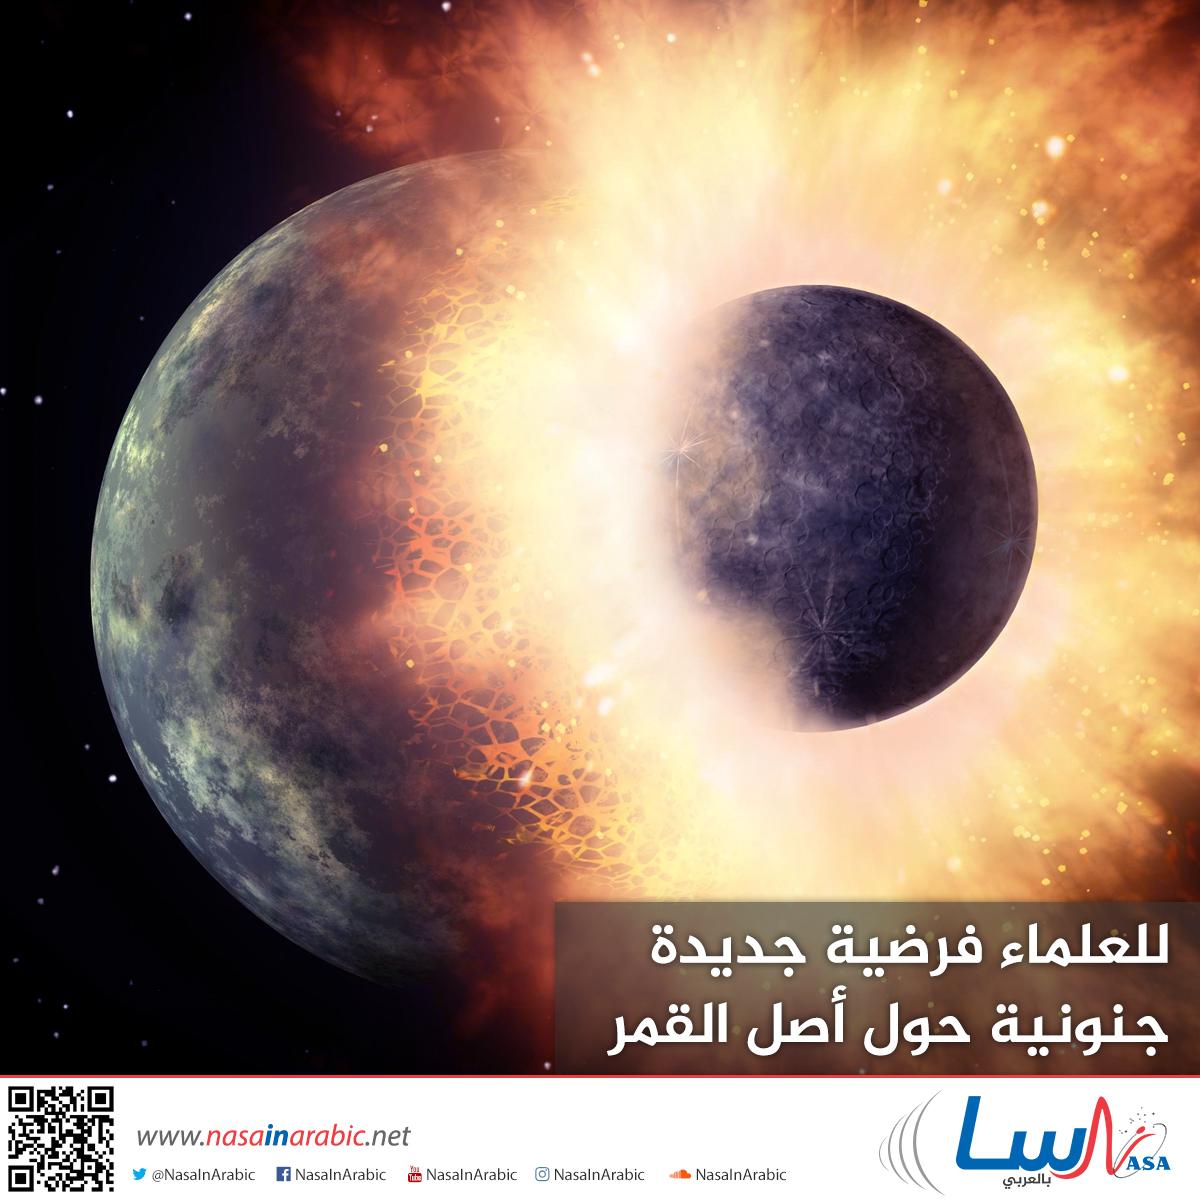 للعلماء فرضية جديدة جنونية حول أصل القمر